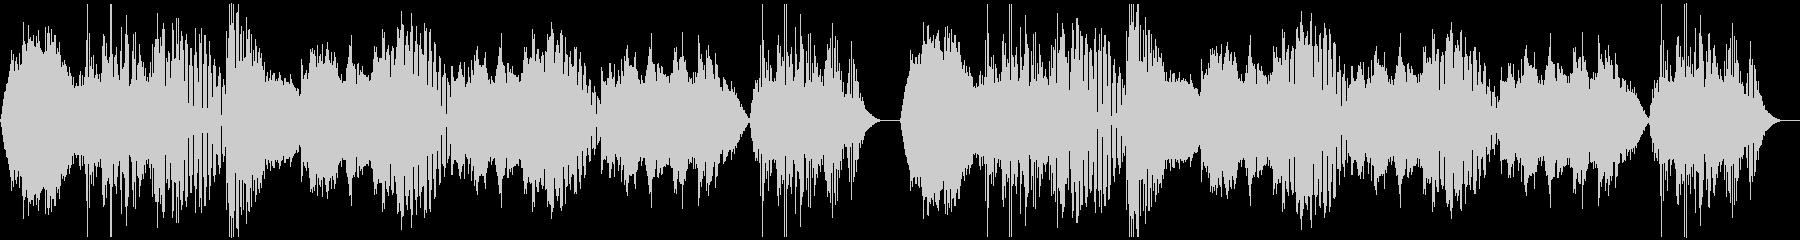 【ホラー/映画/アトラクションBGM】の未再生の波形